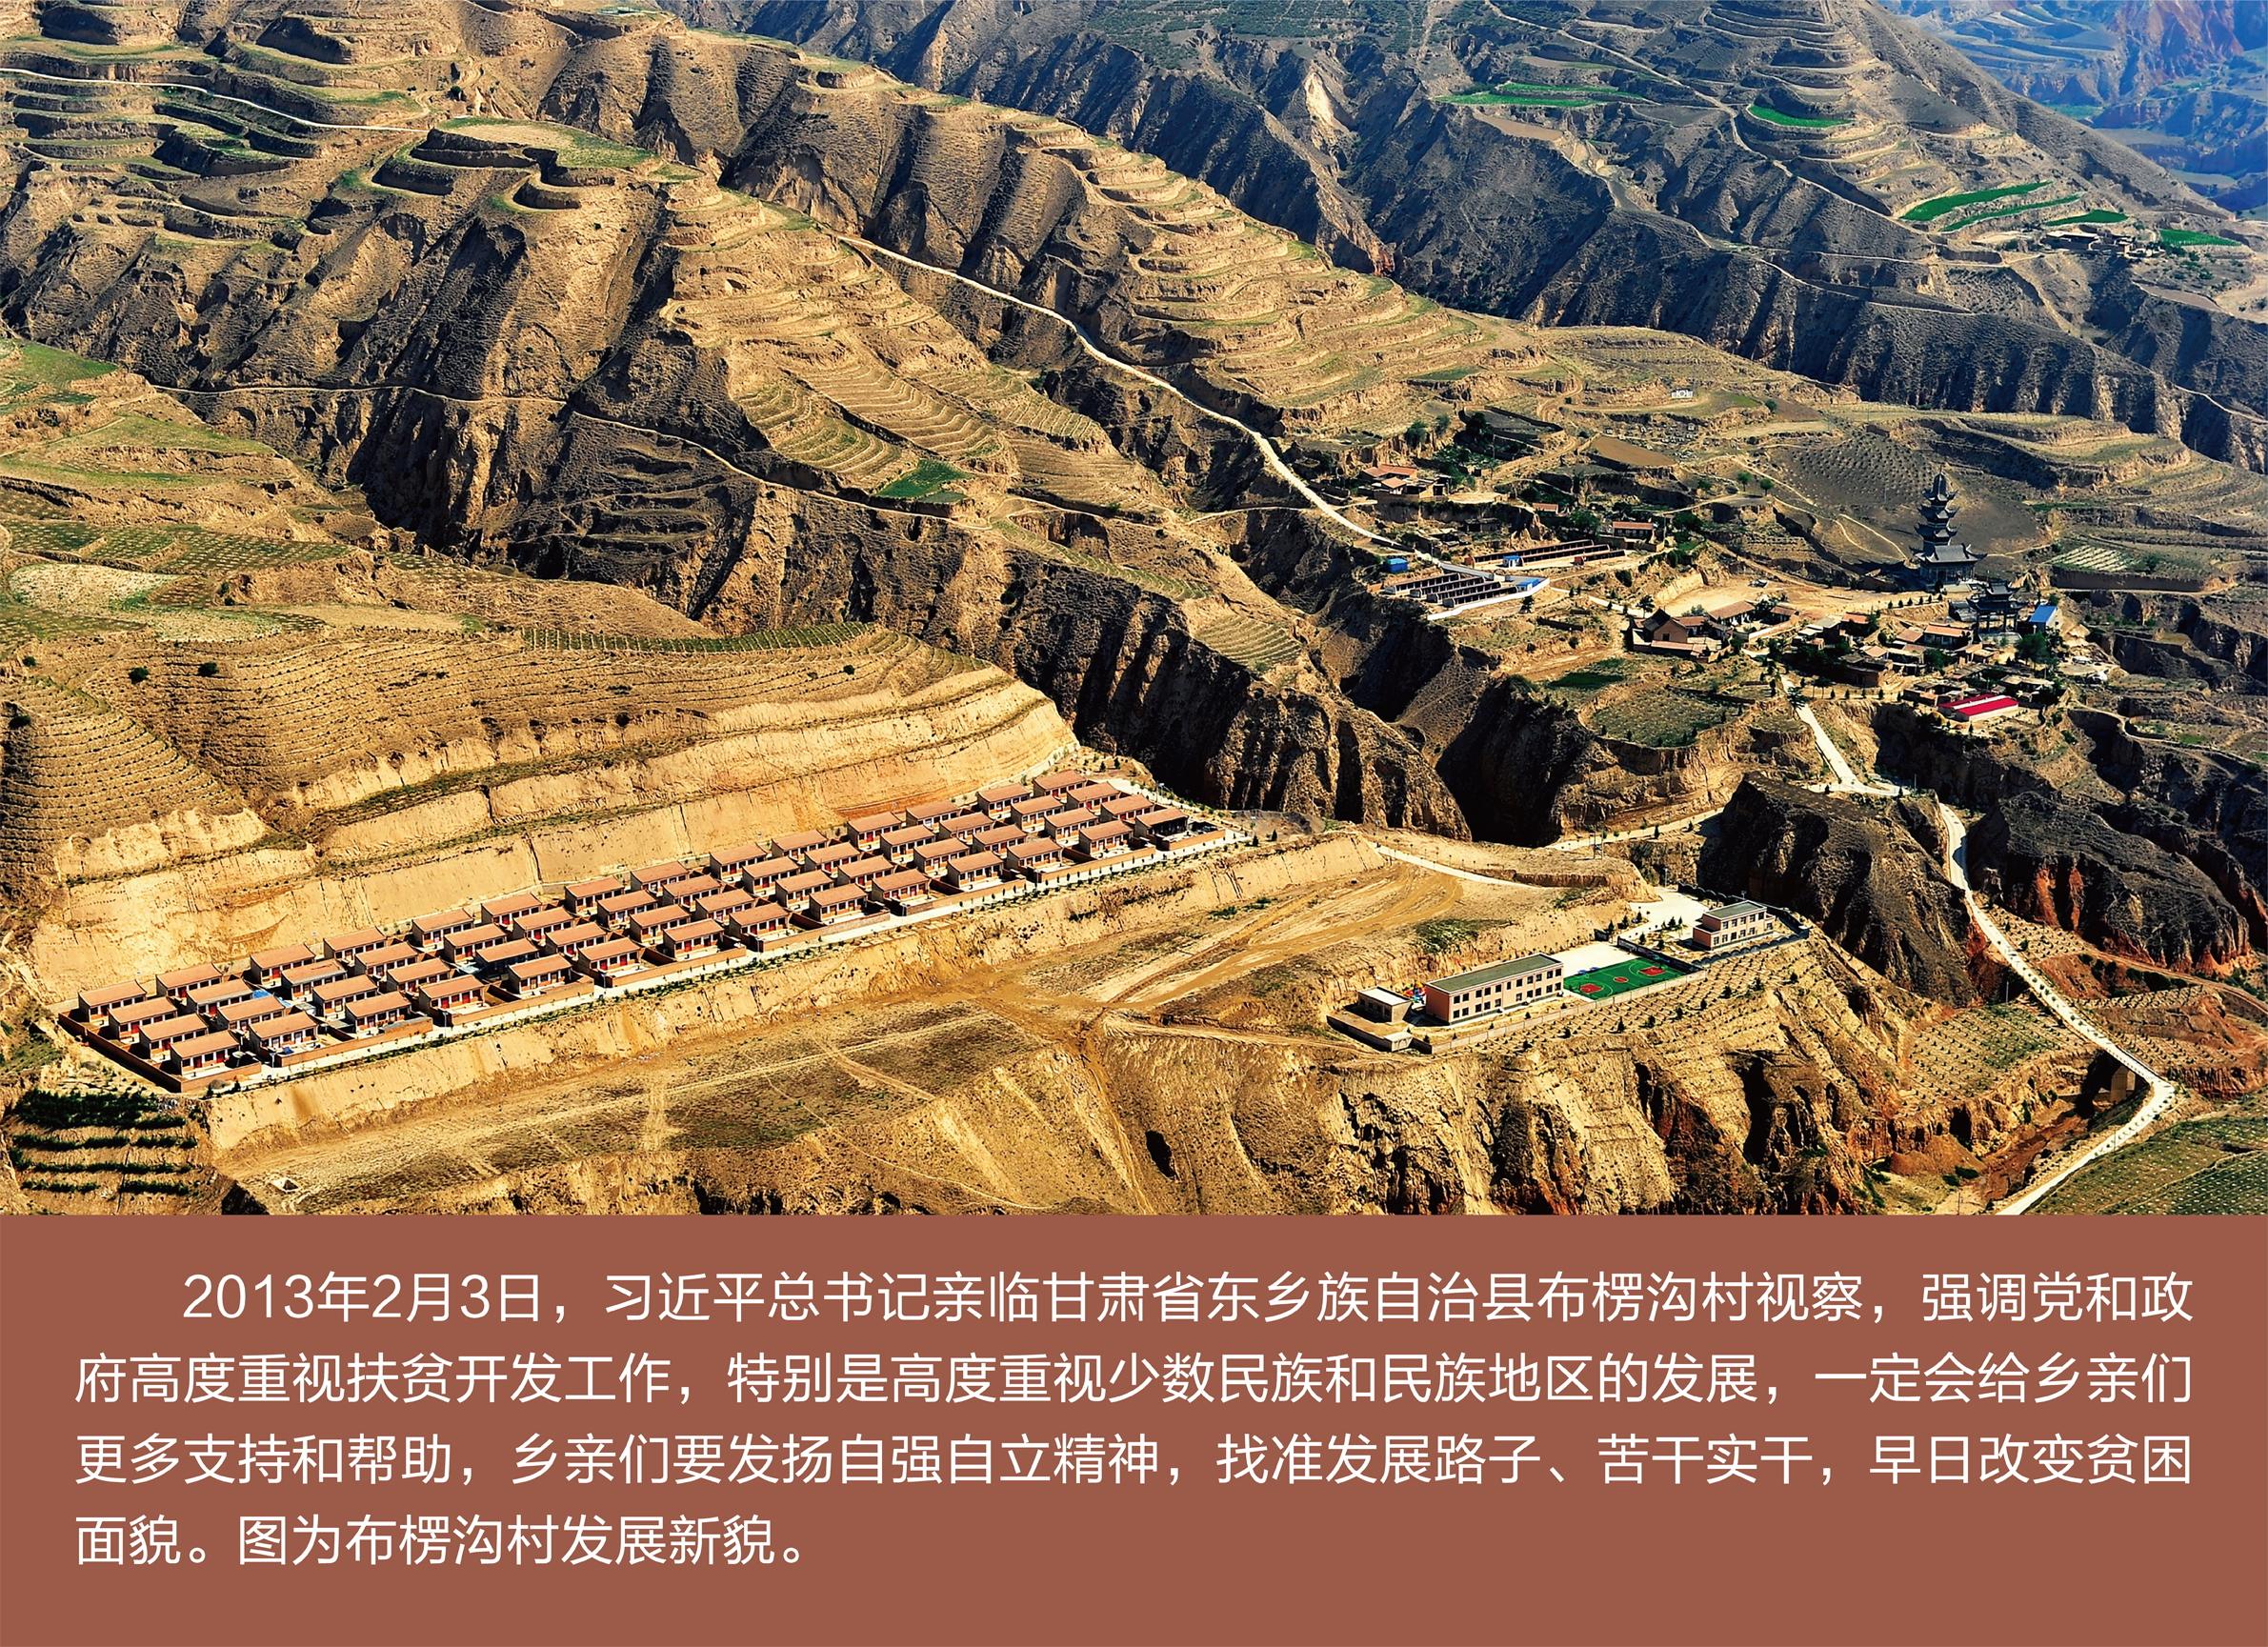 【砥砺奋进的五年】通水通路、整村脱贫:甘肃东乡布楞沟村的扶贫巨变